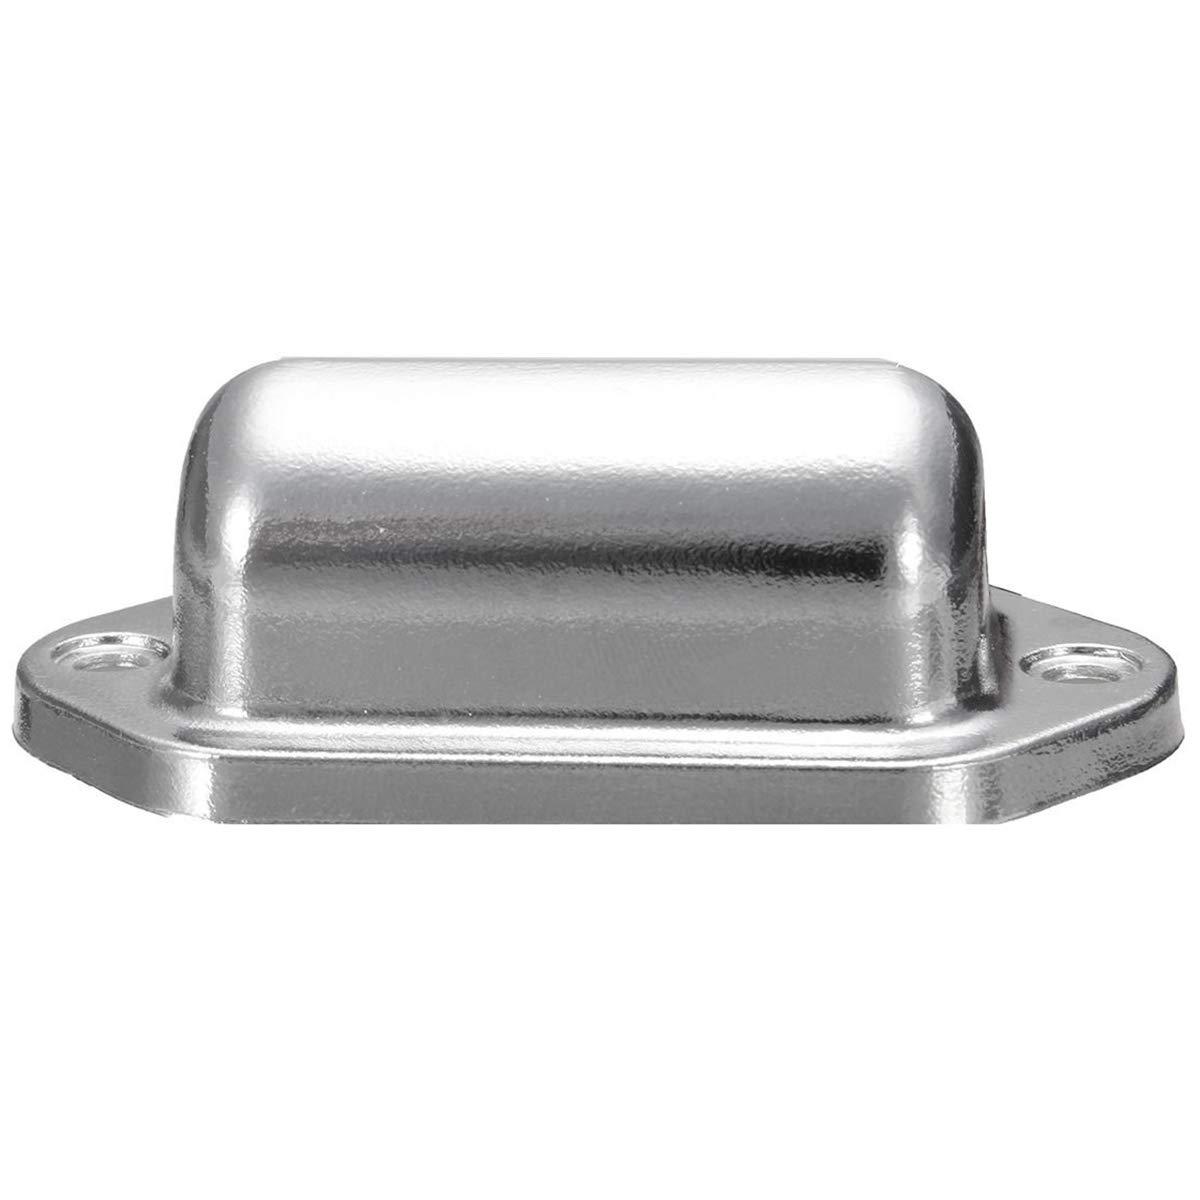 Binchil 2 Piezas 6-Leds Luz de La Etiqueta de Placa de Matr/ícula de N/úmero 12V para Furgonetas Remolques Camiones Caravanas Bote L/ámpara de Paso Interior RV